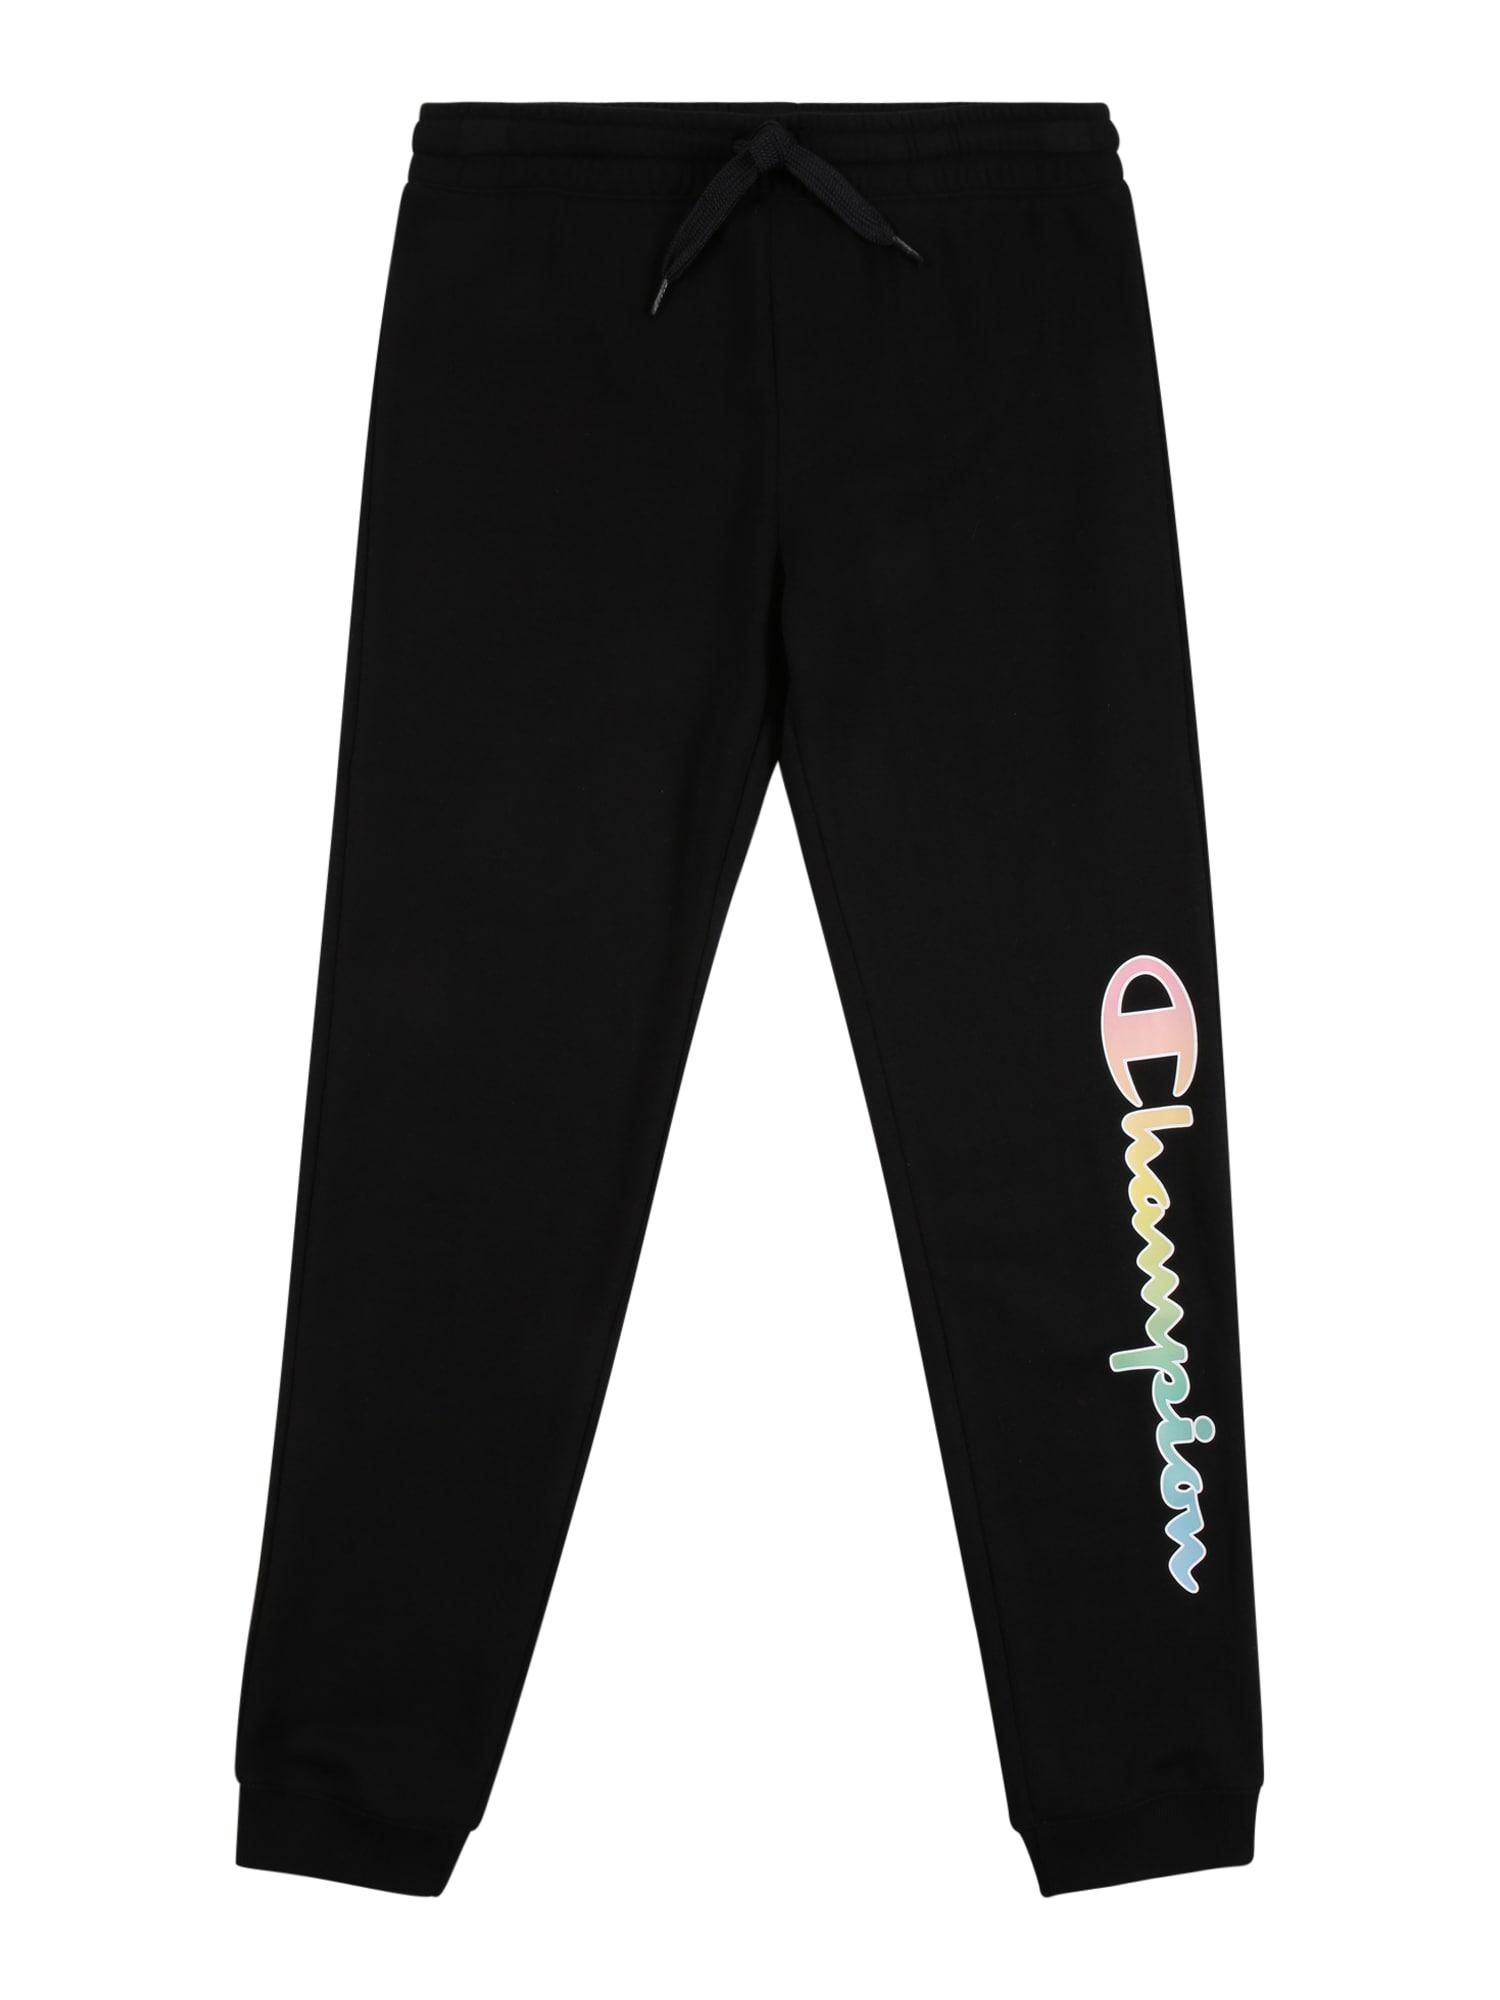 Champion Authentic Athletic Apparel Kelnės juoda / šviesiai rožinė / šviesiai geltona / šviesiai mėlyna